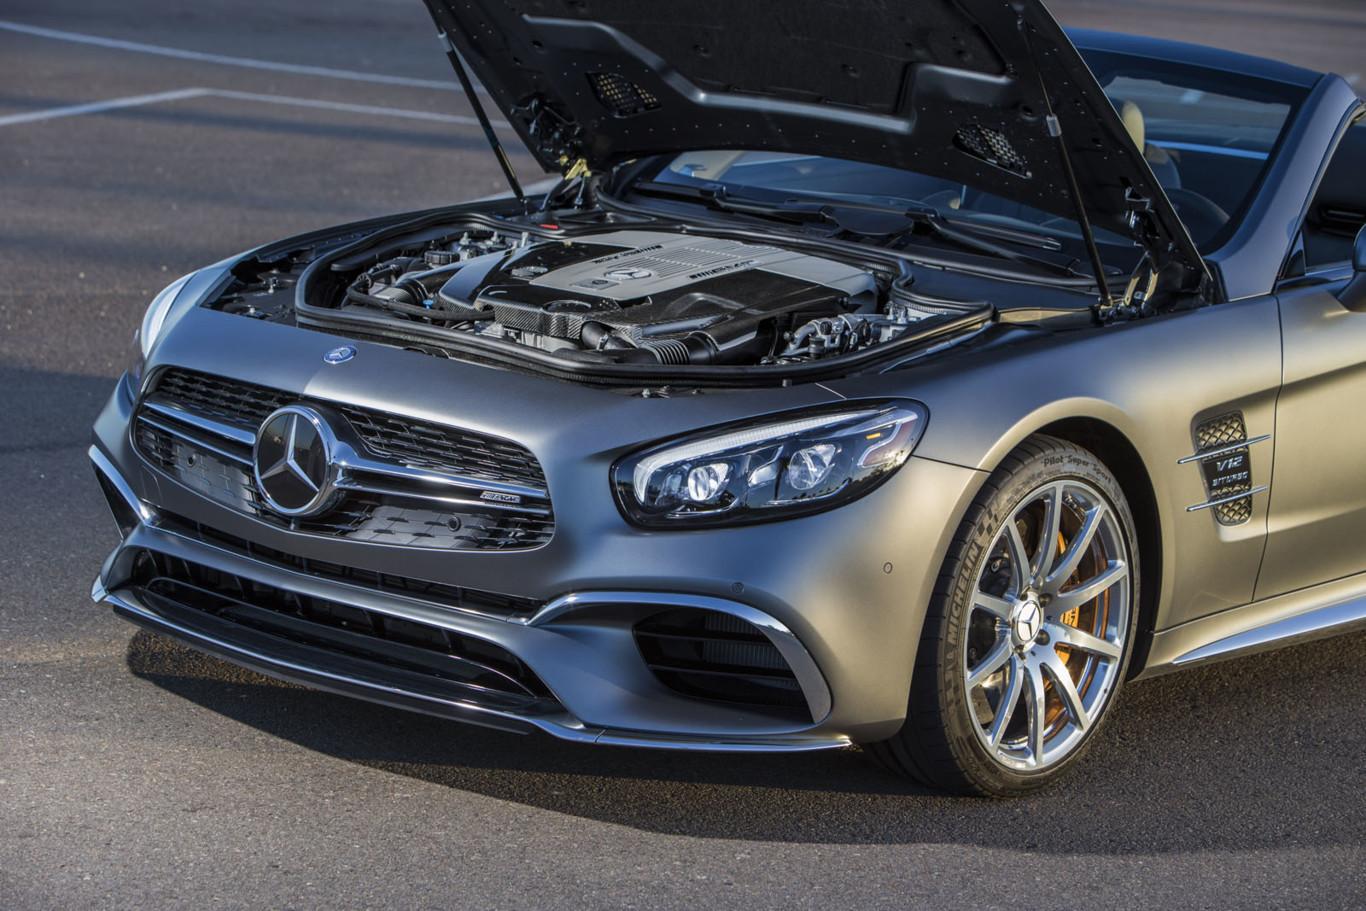 El motor V12 de Mercedes-AMG está sentenciado: el V8 seguirá vivo, aunque sea gracias a la hibridación